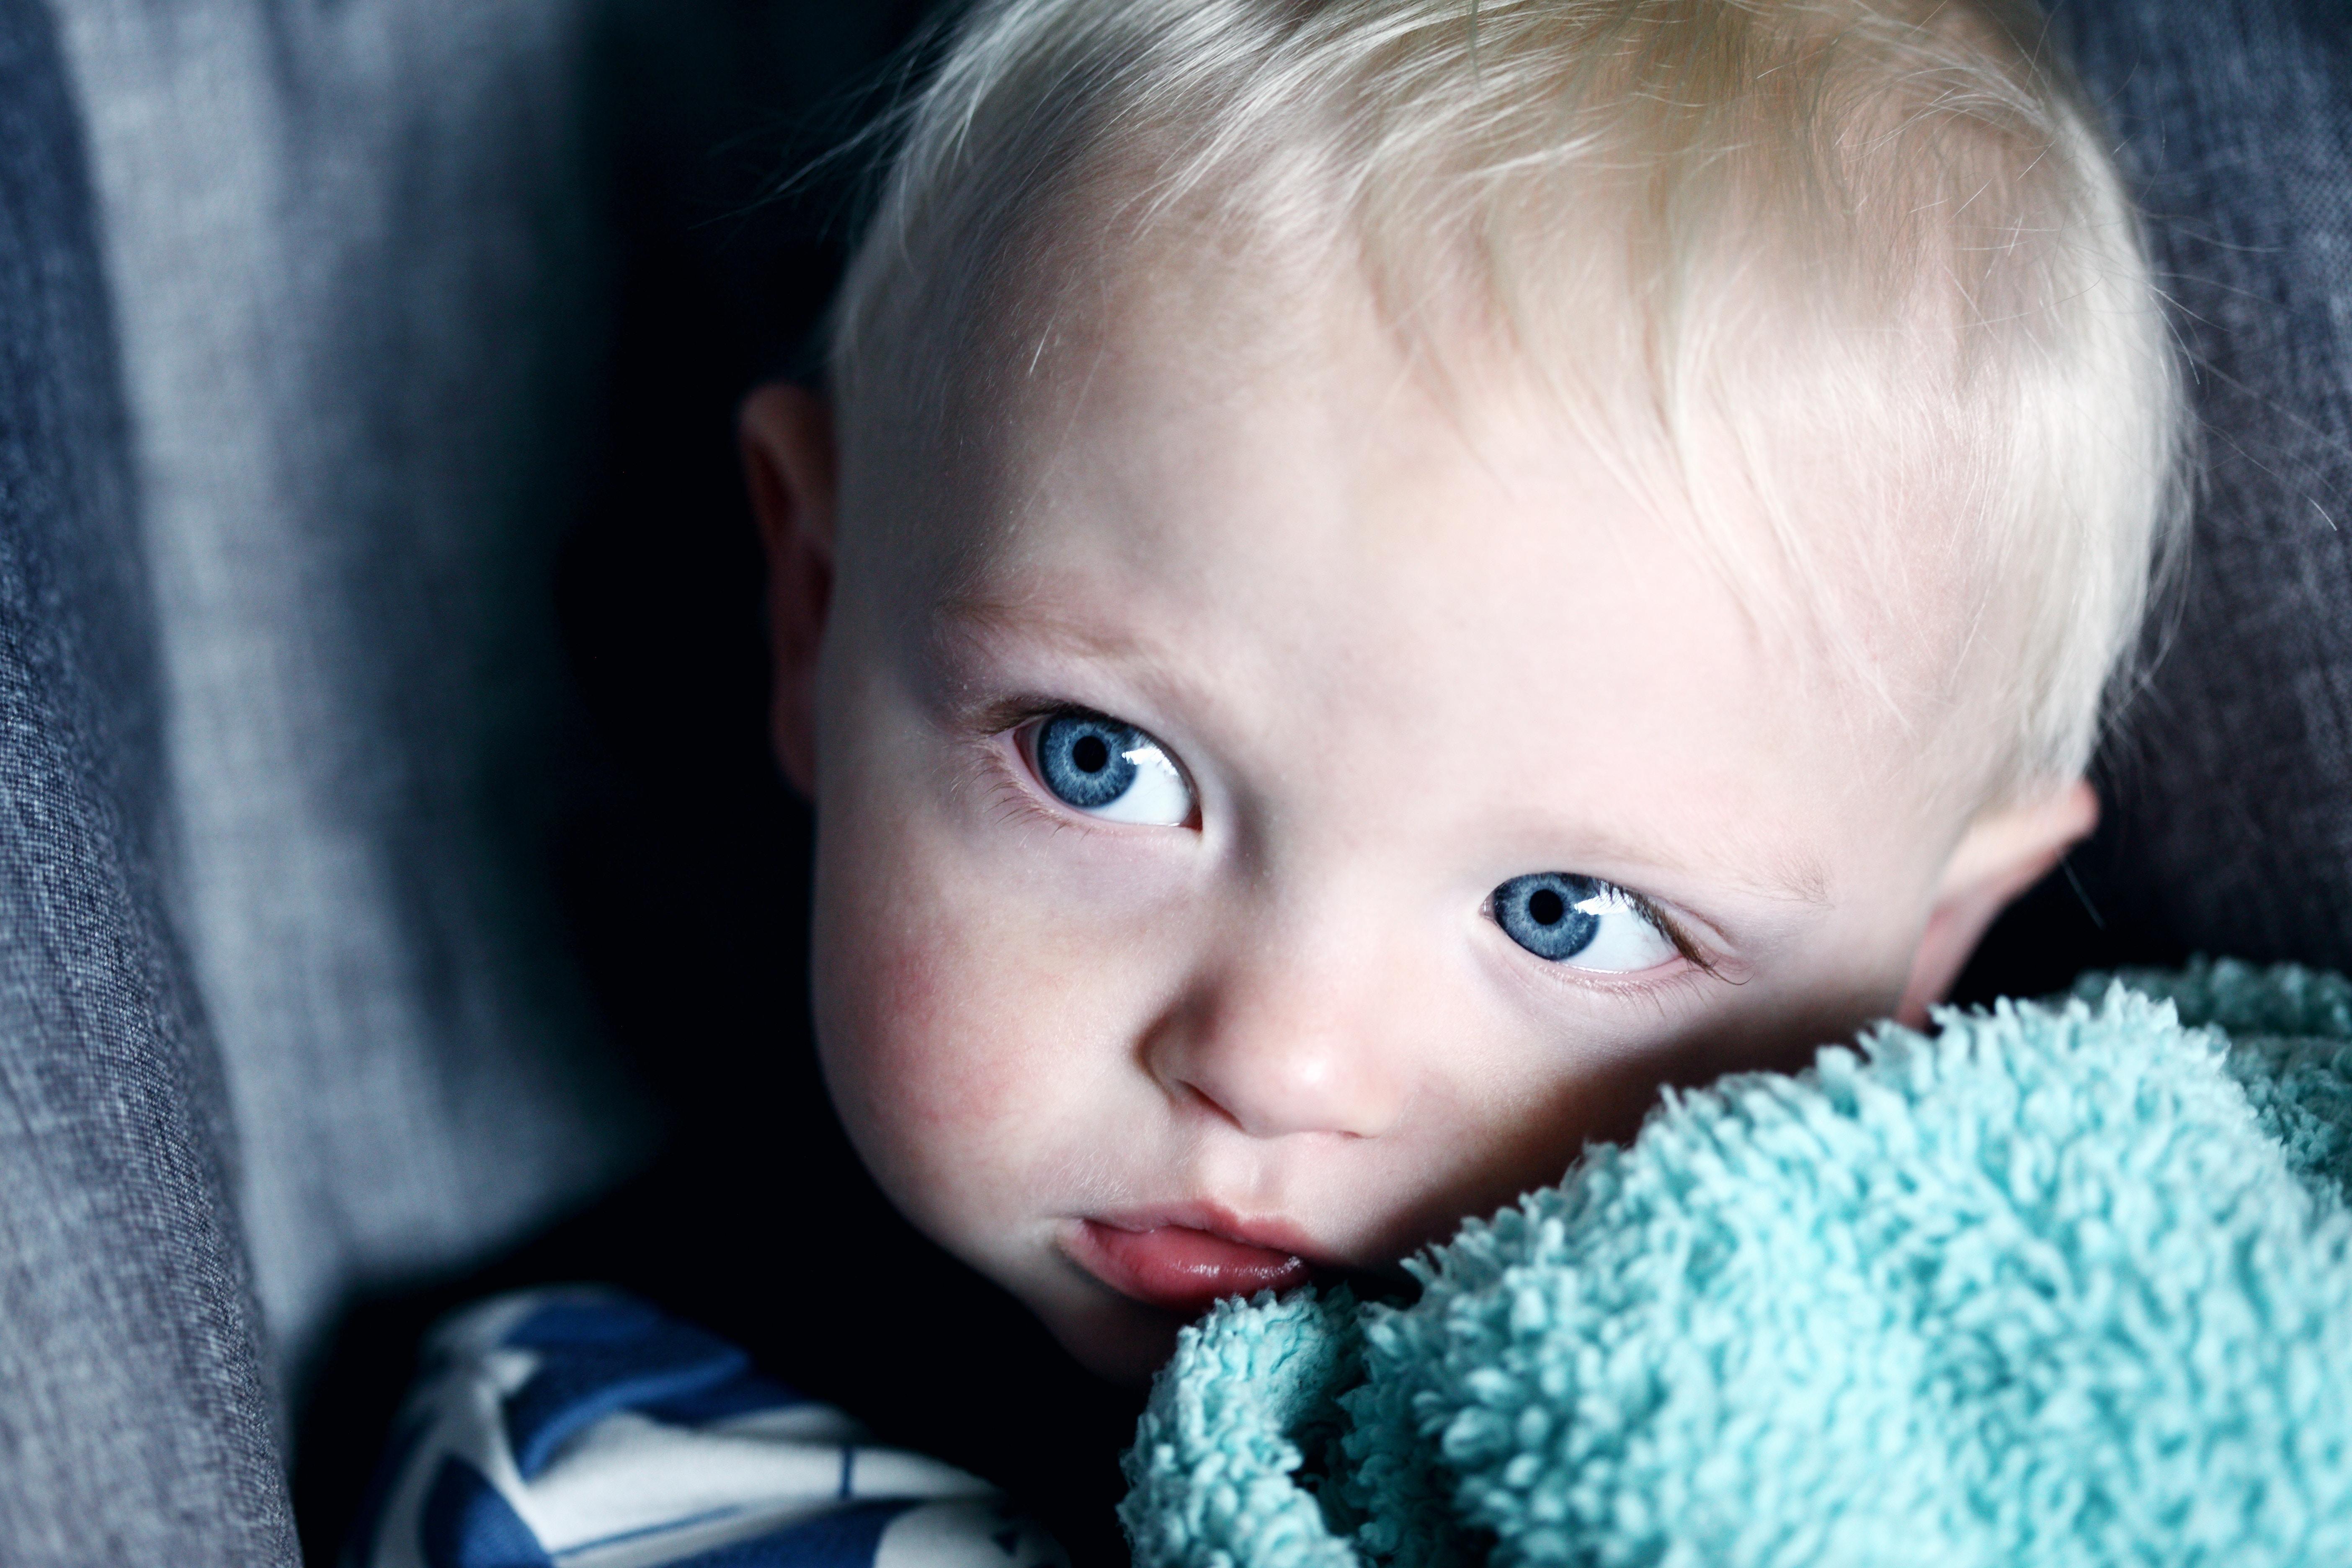 Miten lapsuudenperheessäsi käsiteltiin tunteita?